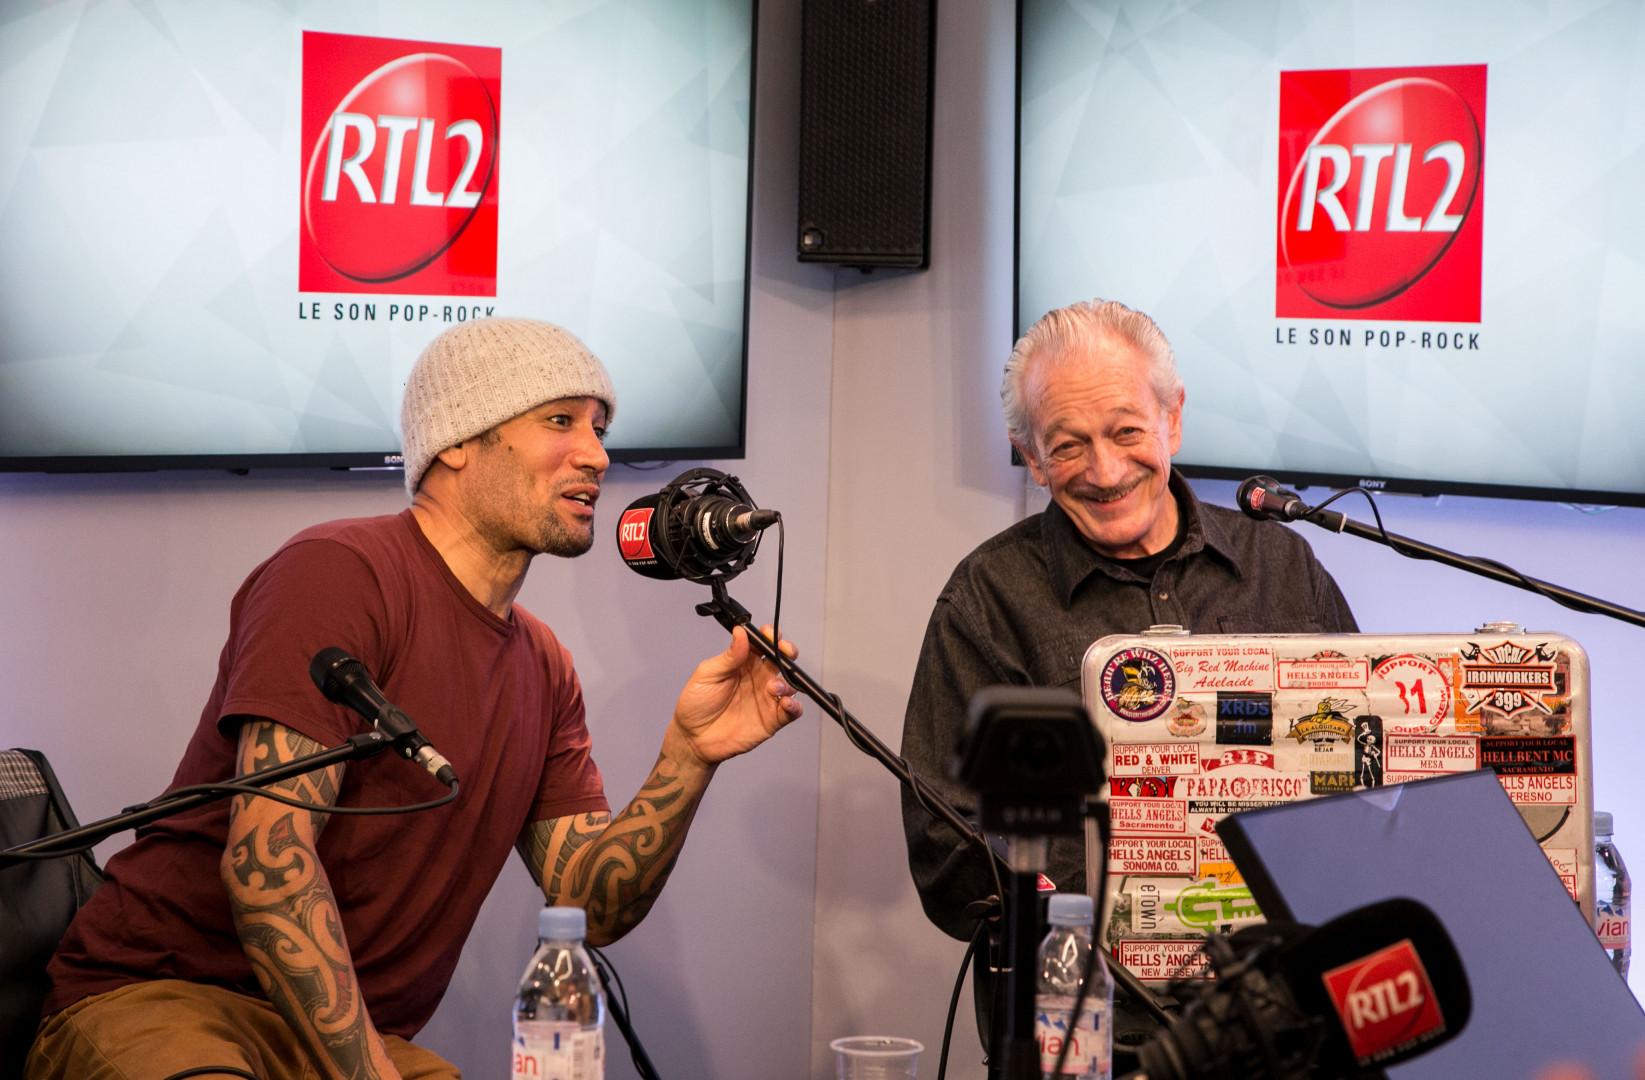 Ben Harper et Charlie Musselwhite dans les studios de RTL2